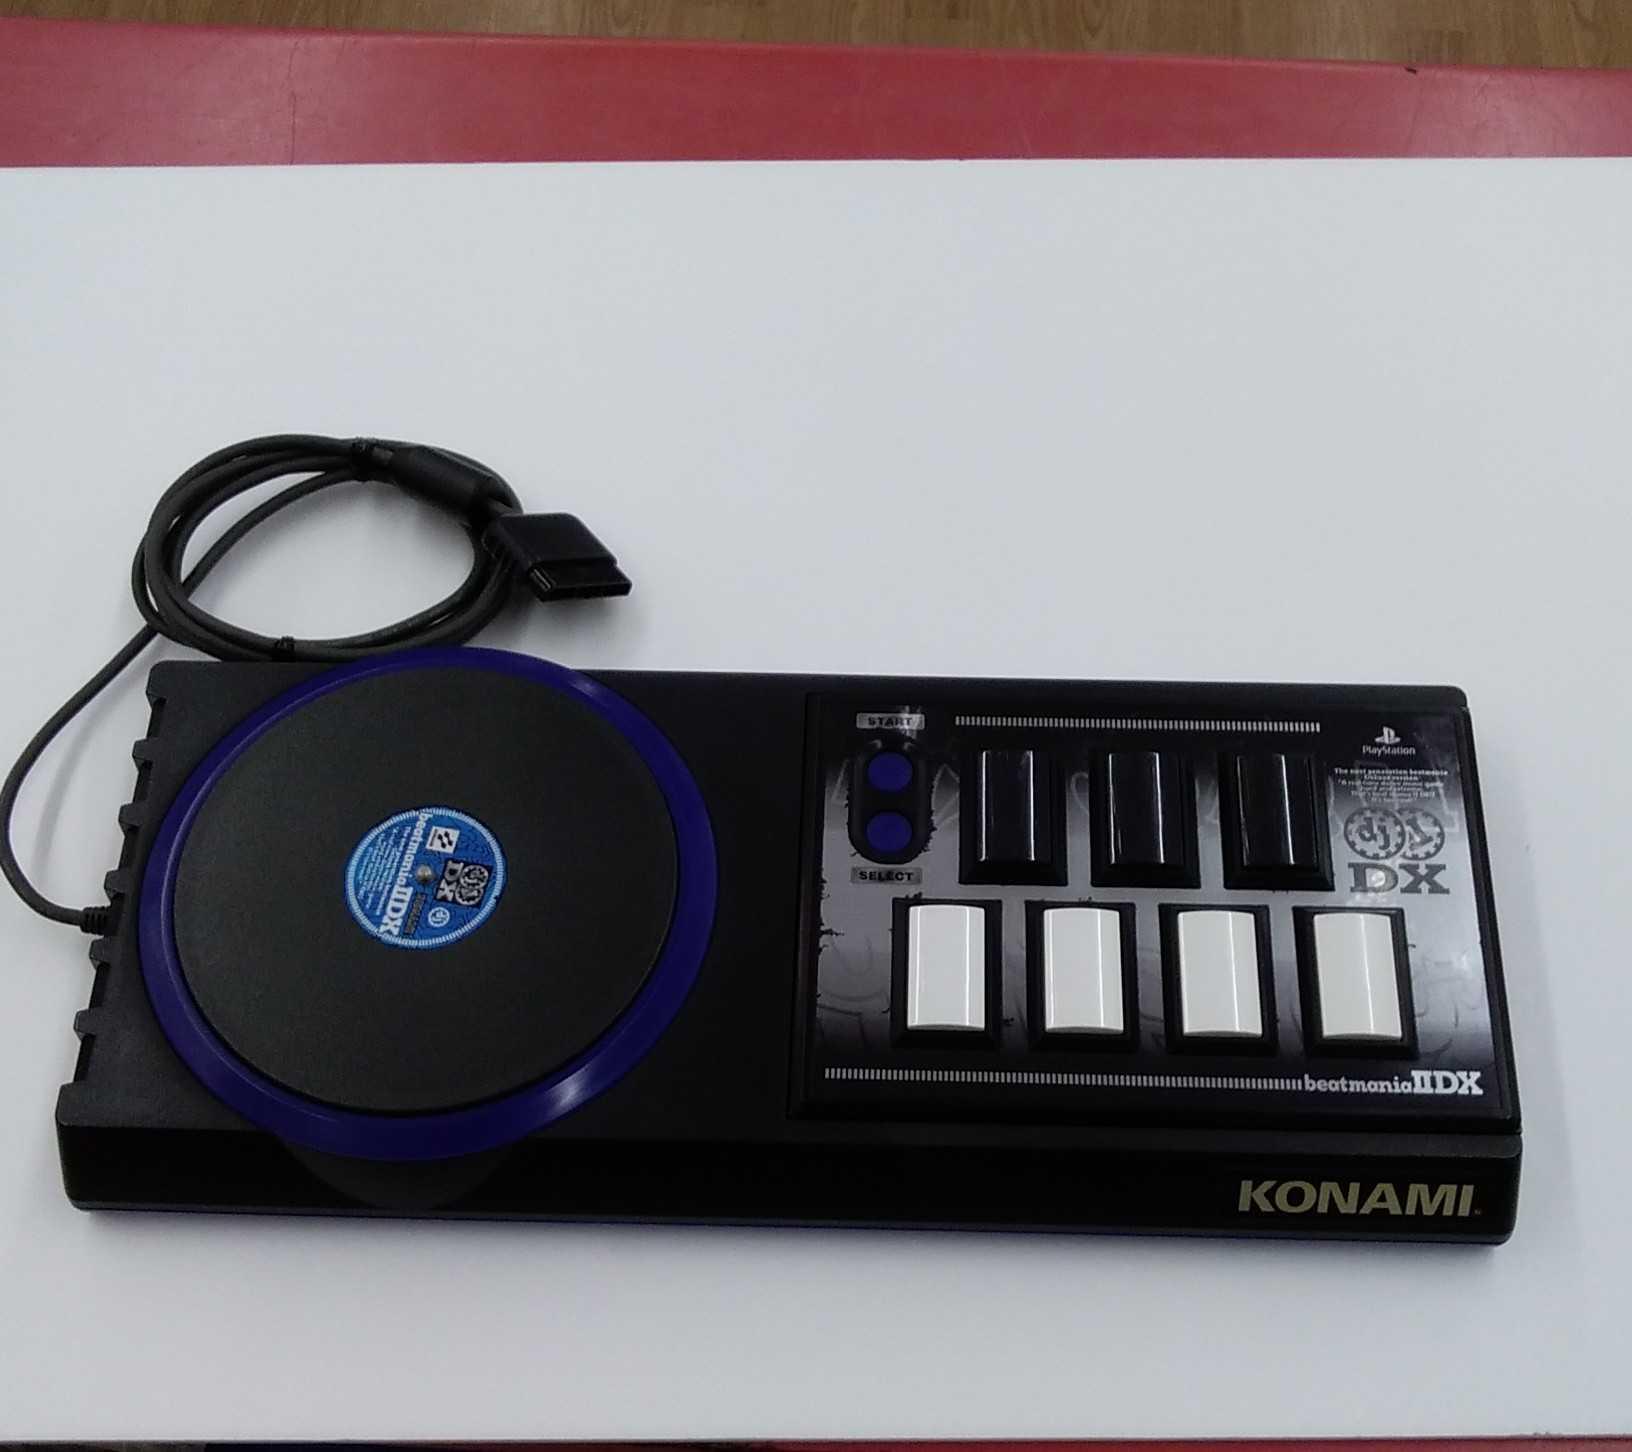 BEATMANIA IIDX用コントローラー KONAMI